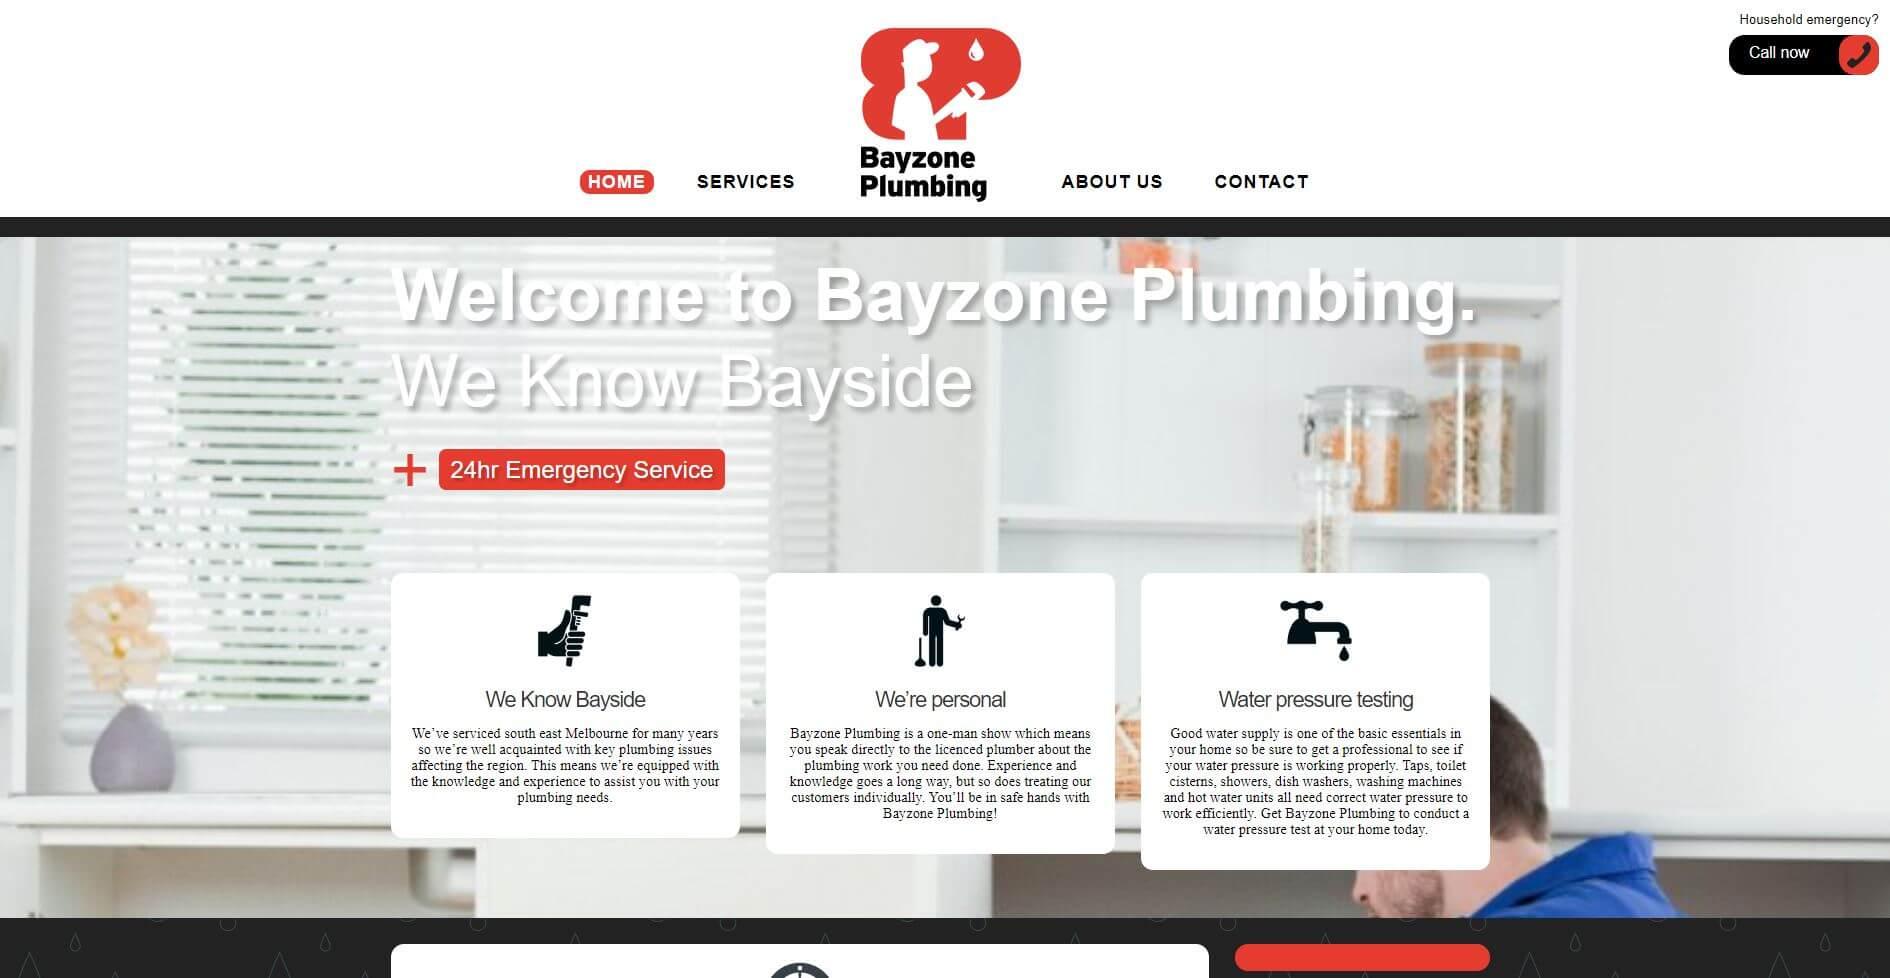 Bayzone Plumbing